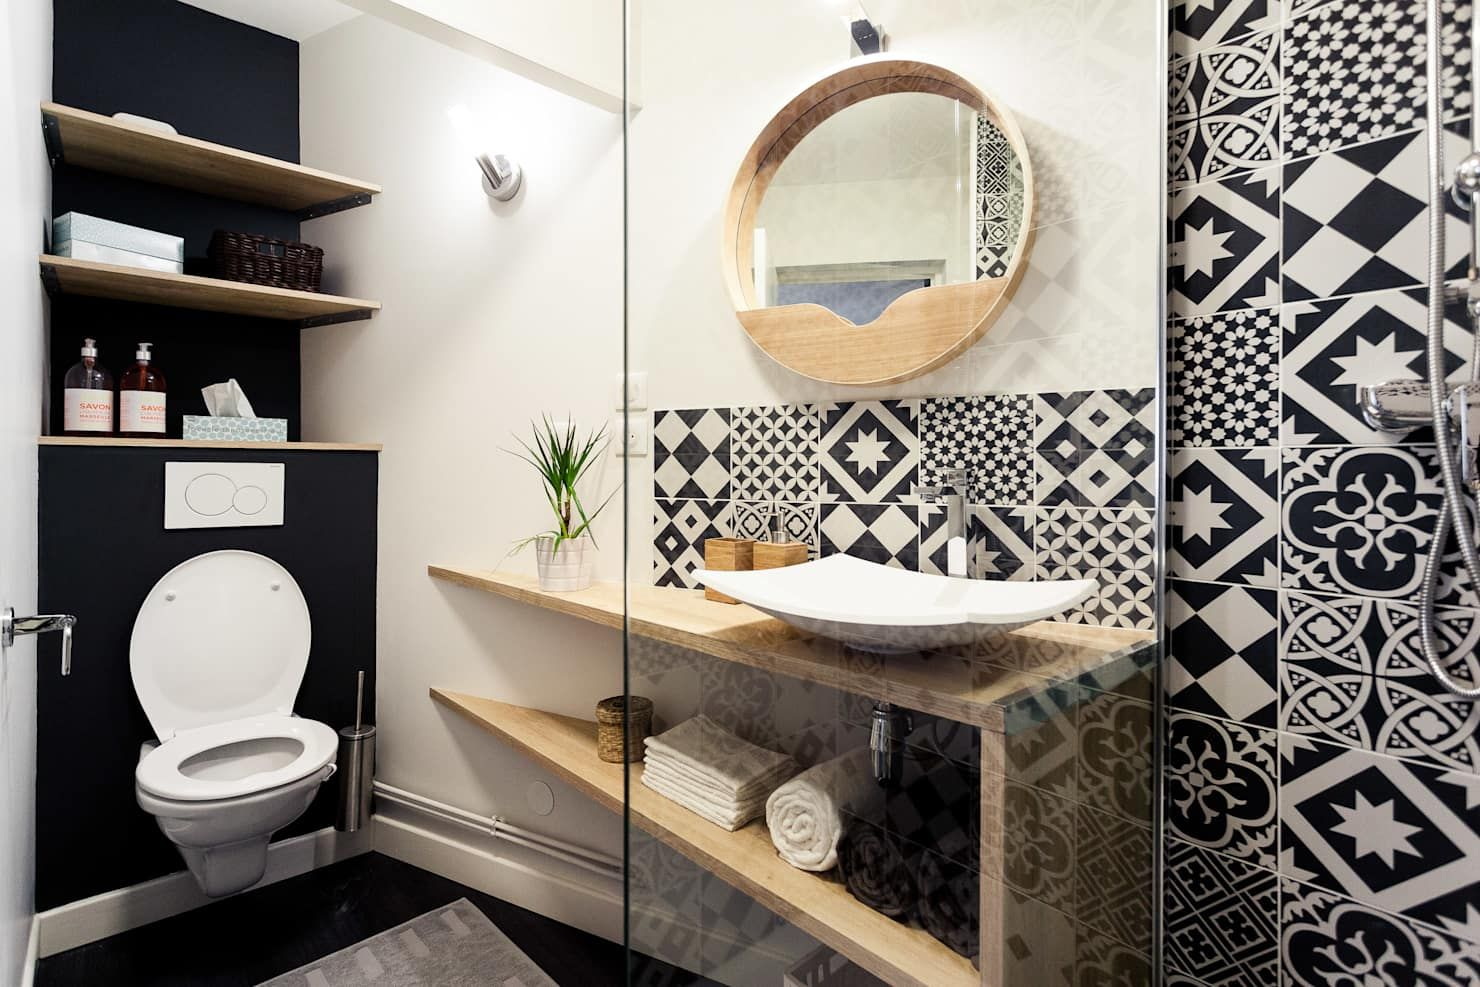 Rénovation complète dun appartement de 30m²: salle de bains de style par madam architecture, scandinave